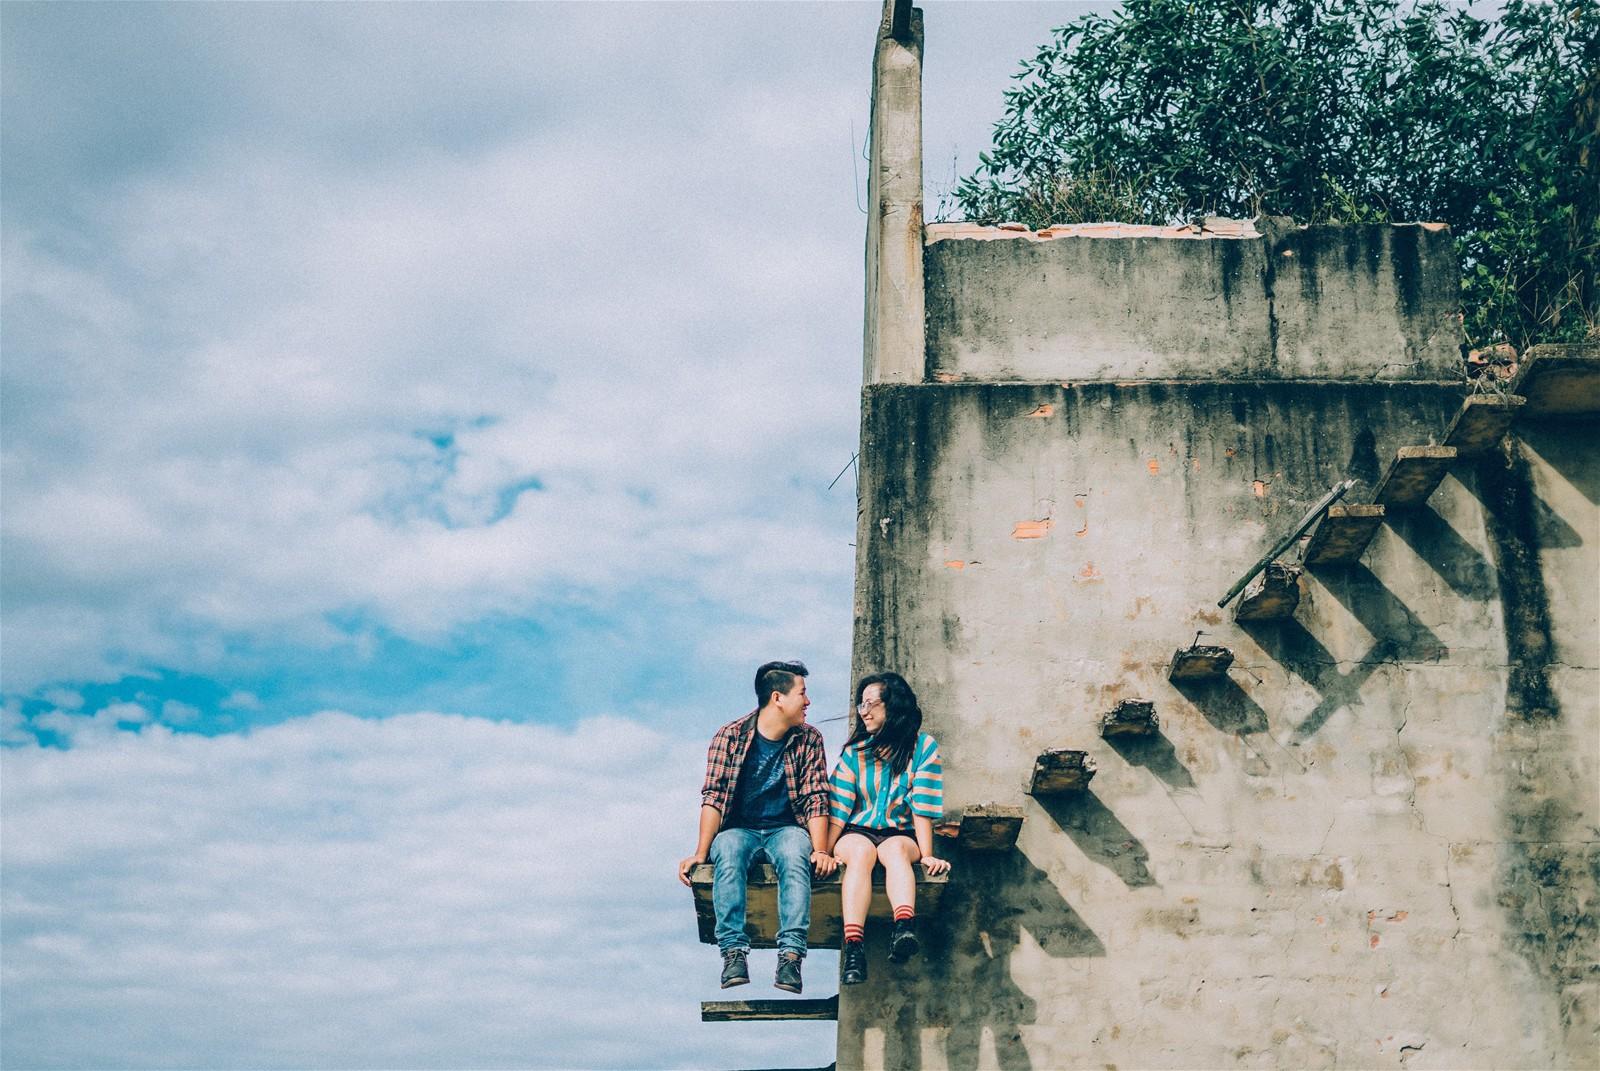 Dân tình đổ xô tới chụp ảnh sống ảo ở nấc thang lên thiên đường chỉ